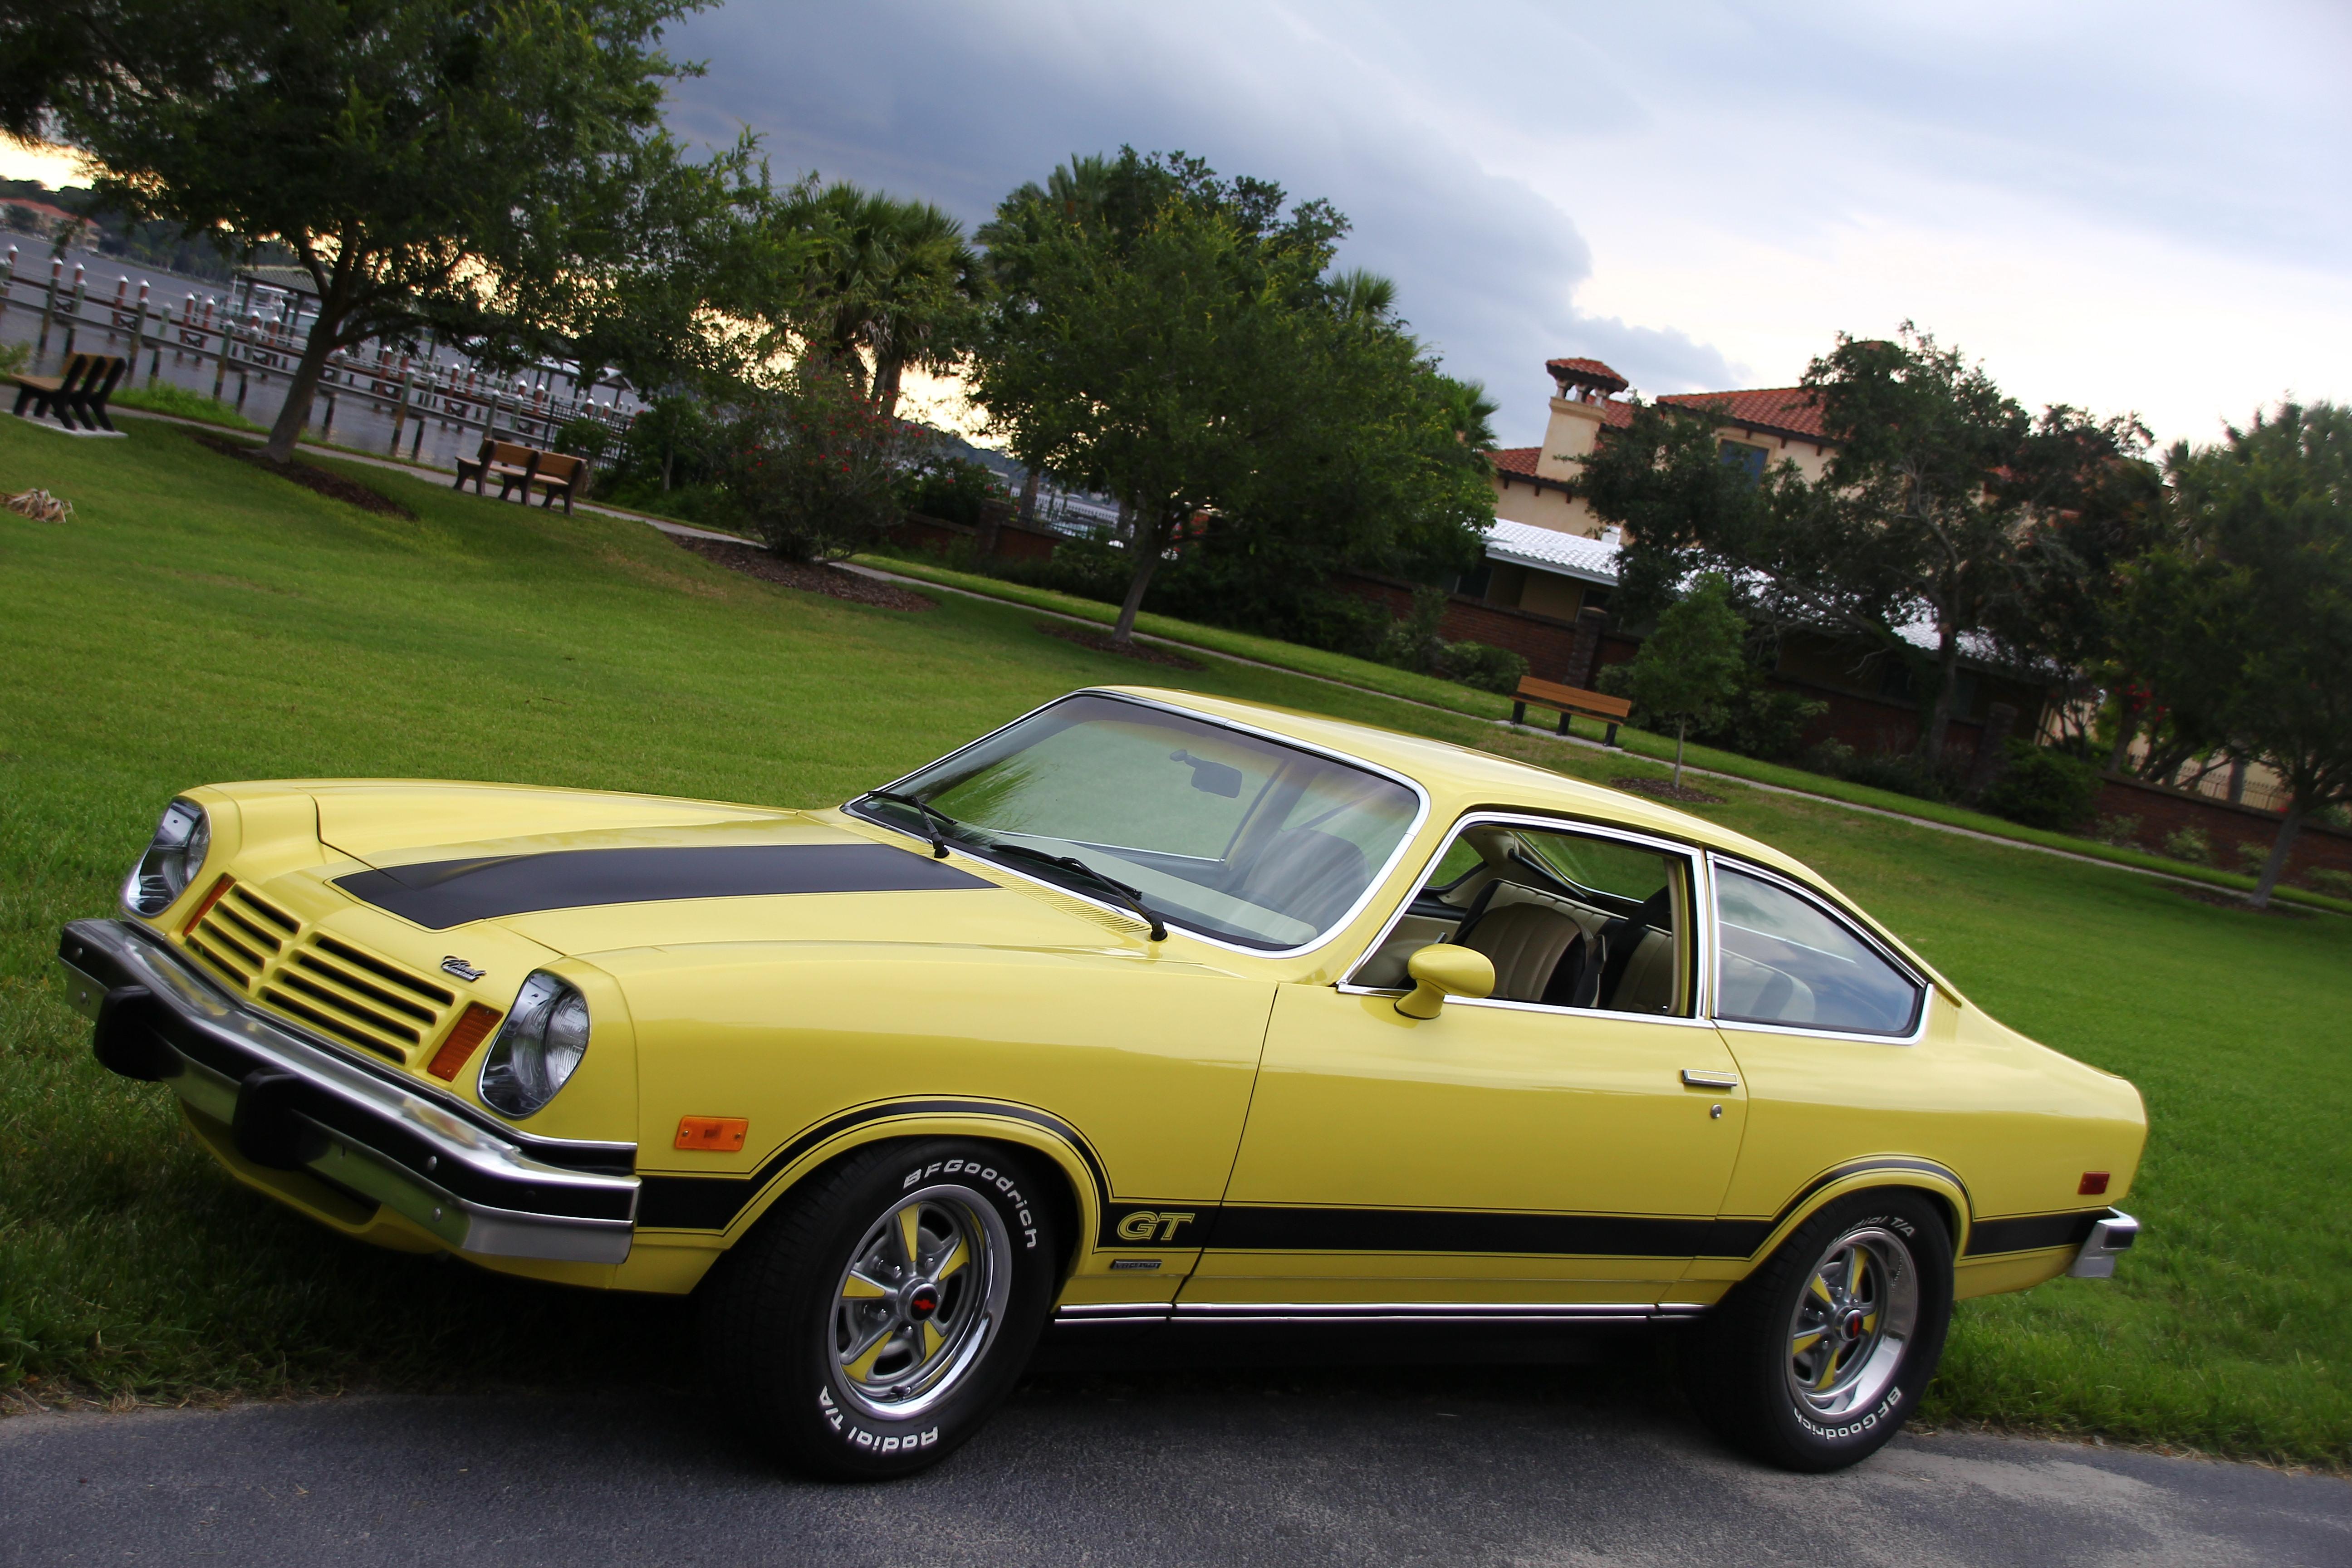 Hammer Time! A 1974 Chevrolet Vega GT Gets an Overhaul – RacingJunk News